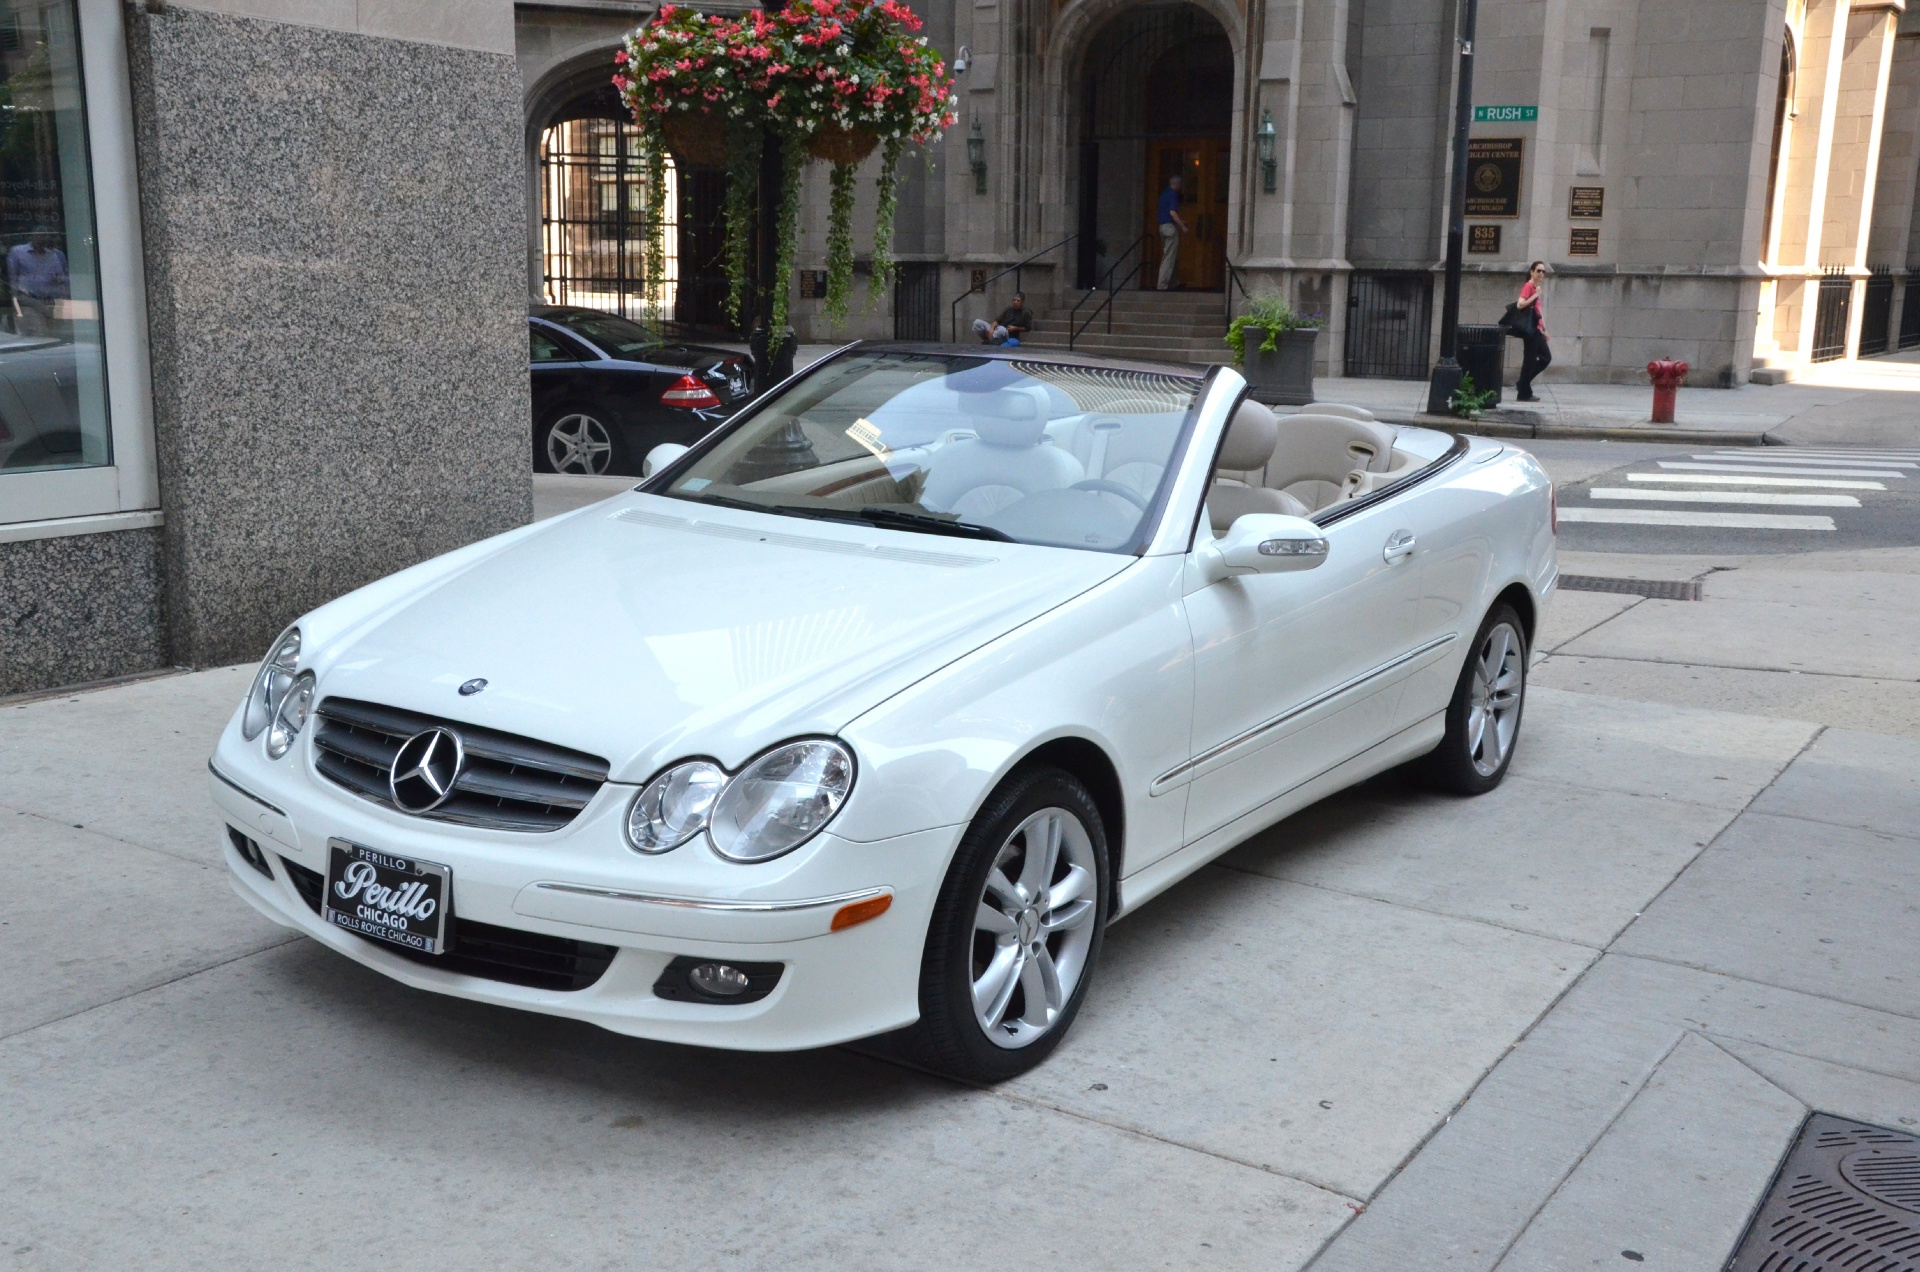 2007 mercedes benz clk class clk350 stock b447aa for for Mercedes benz clk350 for sale